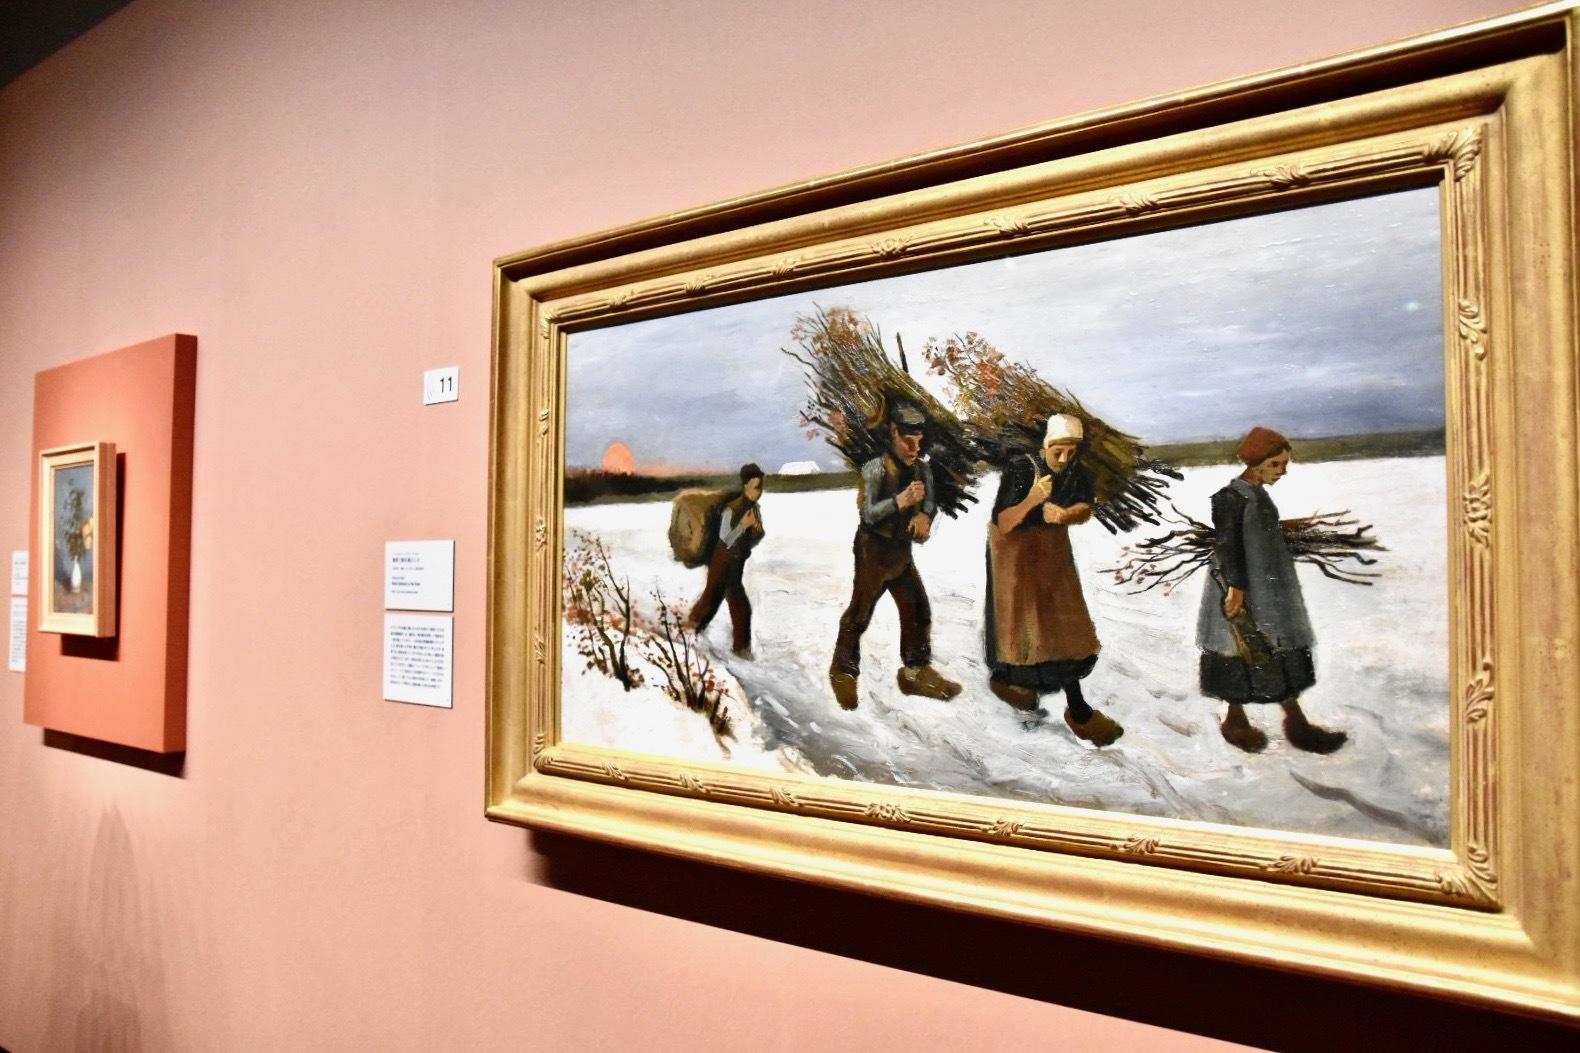 フィンセント・ファン・ゴッホ 《雪原で薪を運ぶ人々》 1884年 吉野石膏コレクション